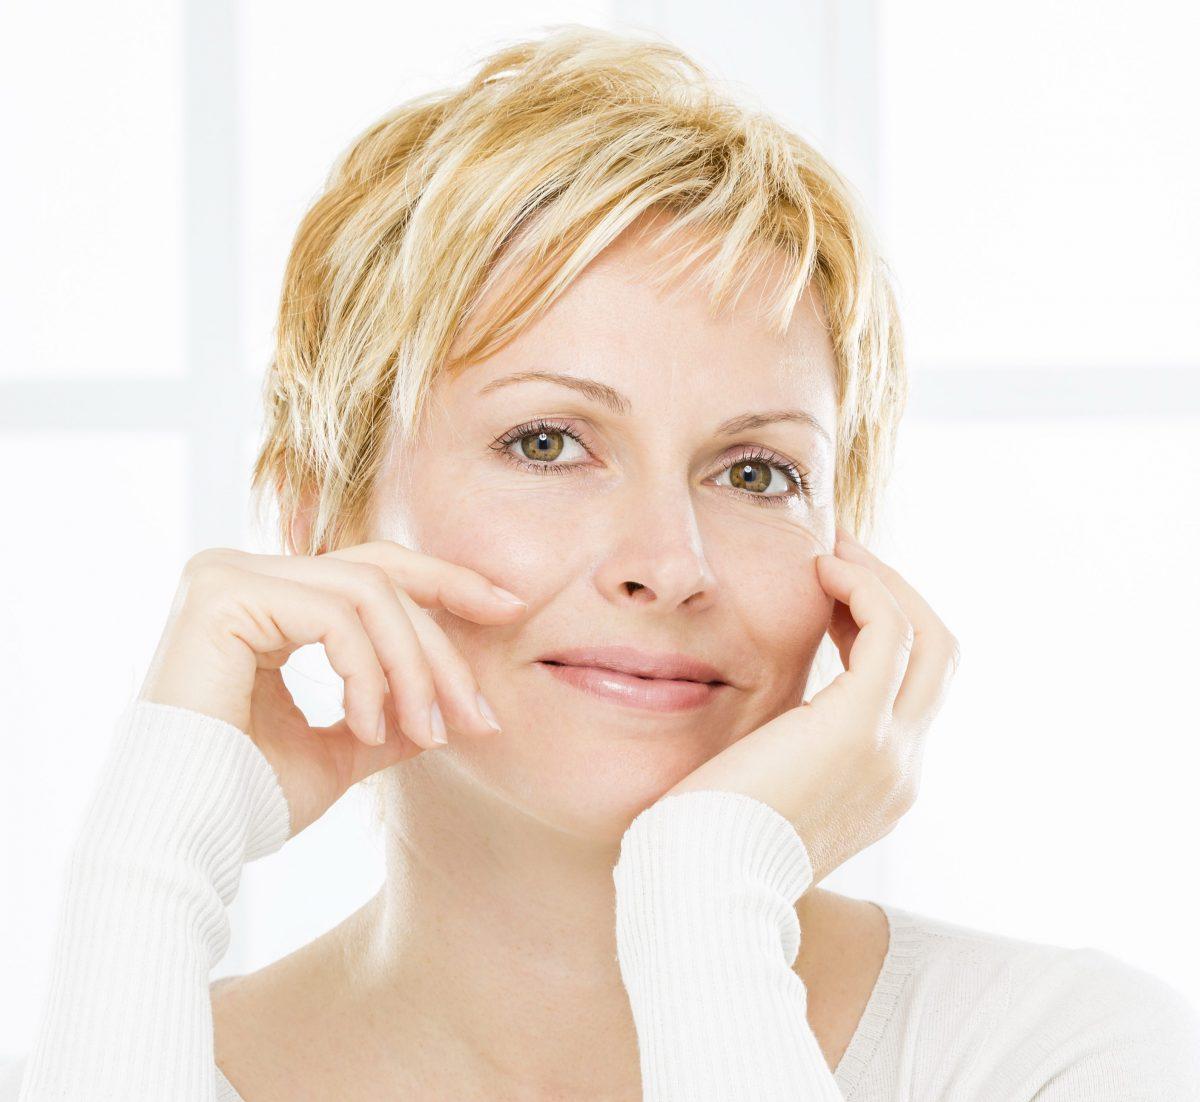 tratamientos estéticos faciales, tratamientos medicina estética facial, clínicas faciales, tipos de tratamientos estéticos facial